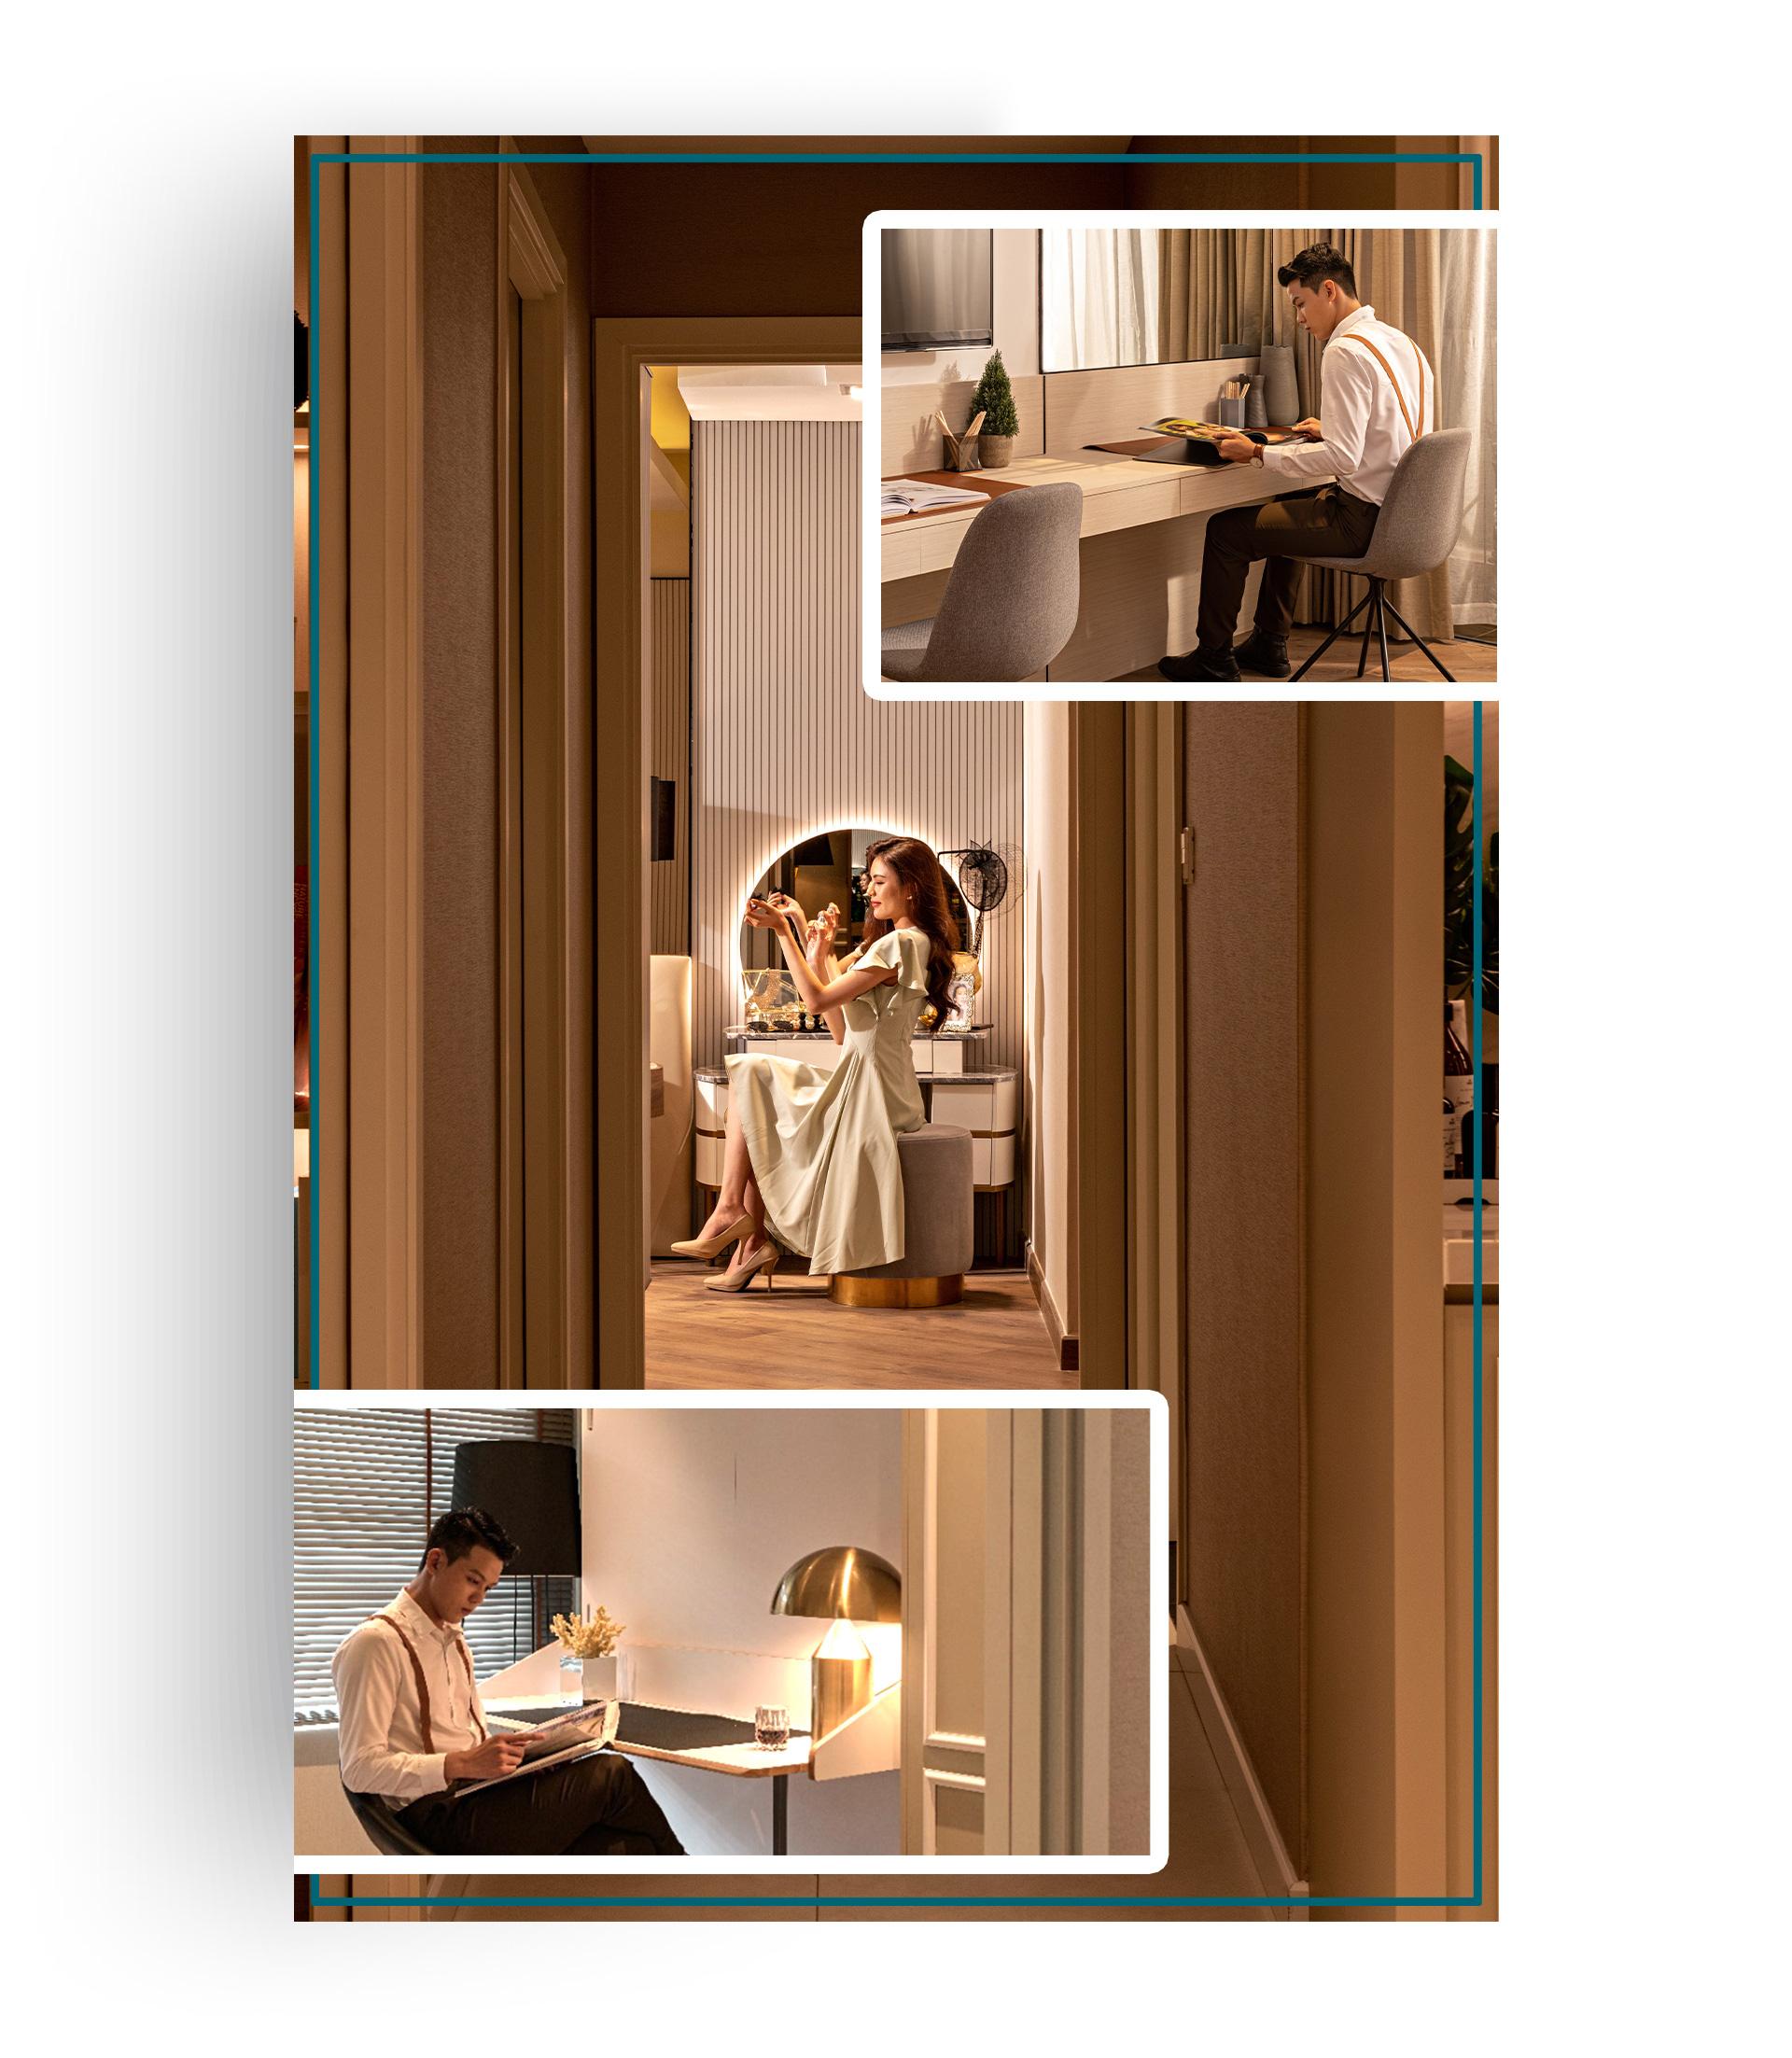 Anderson Park - căn hộ chuẩn hạng phòng Suite 5 sao đã sẵn sàng trình làng - Ảnh 7.